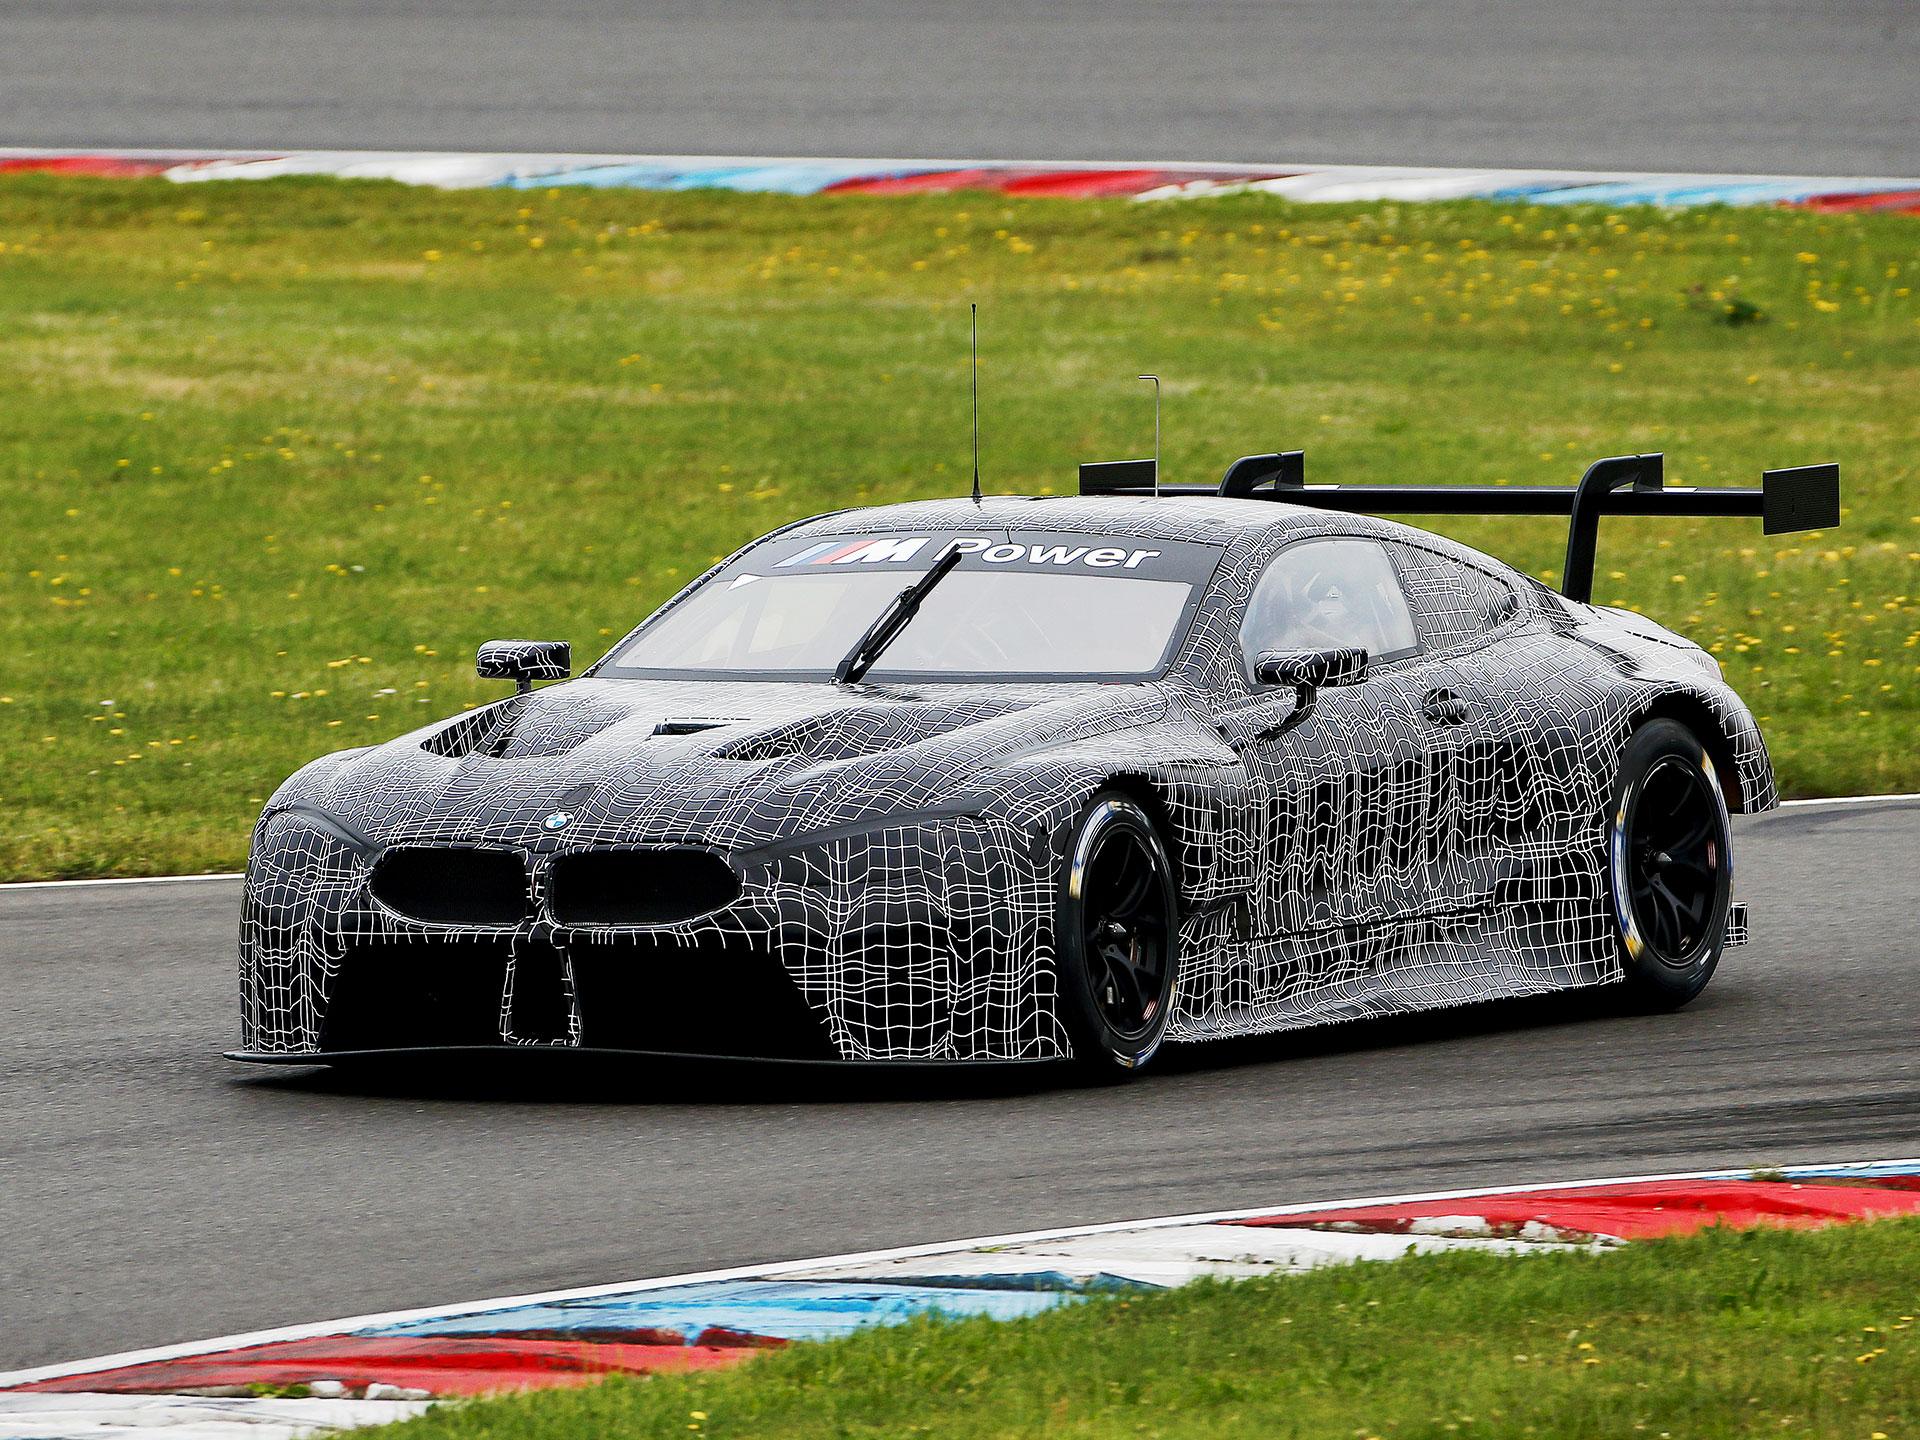 Desarrollado para competir en las carreras GT, sera el laboratorio de pruebas para desarrollar el tren motriz del Serie 8. Foto: BMW